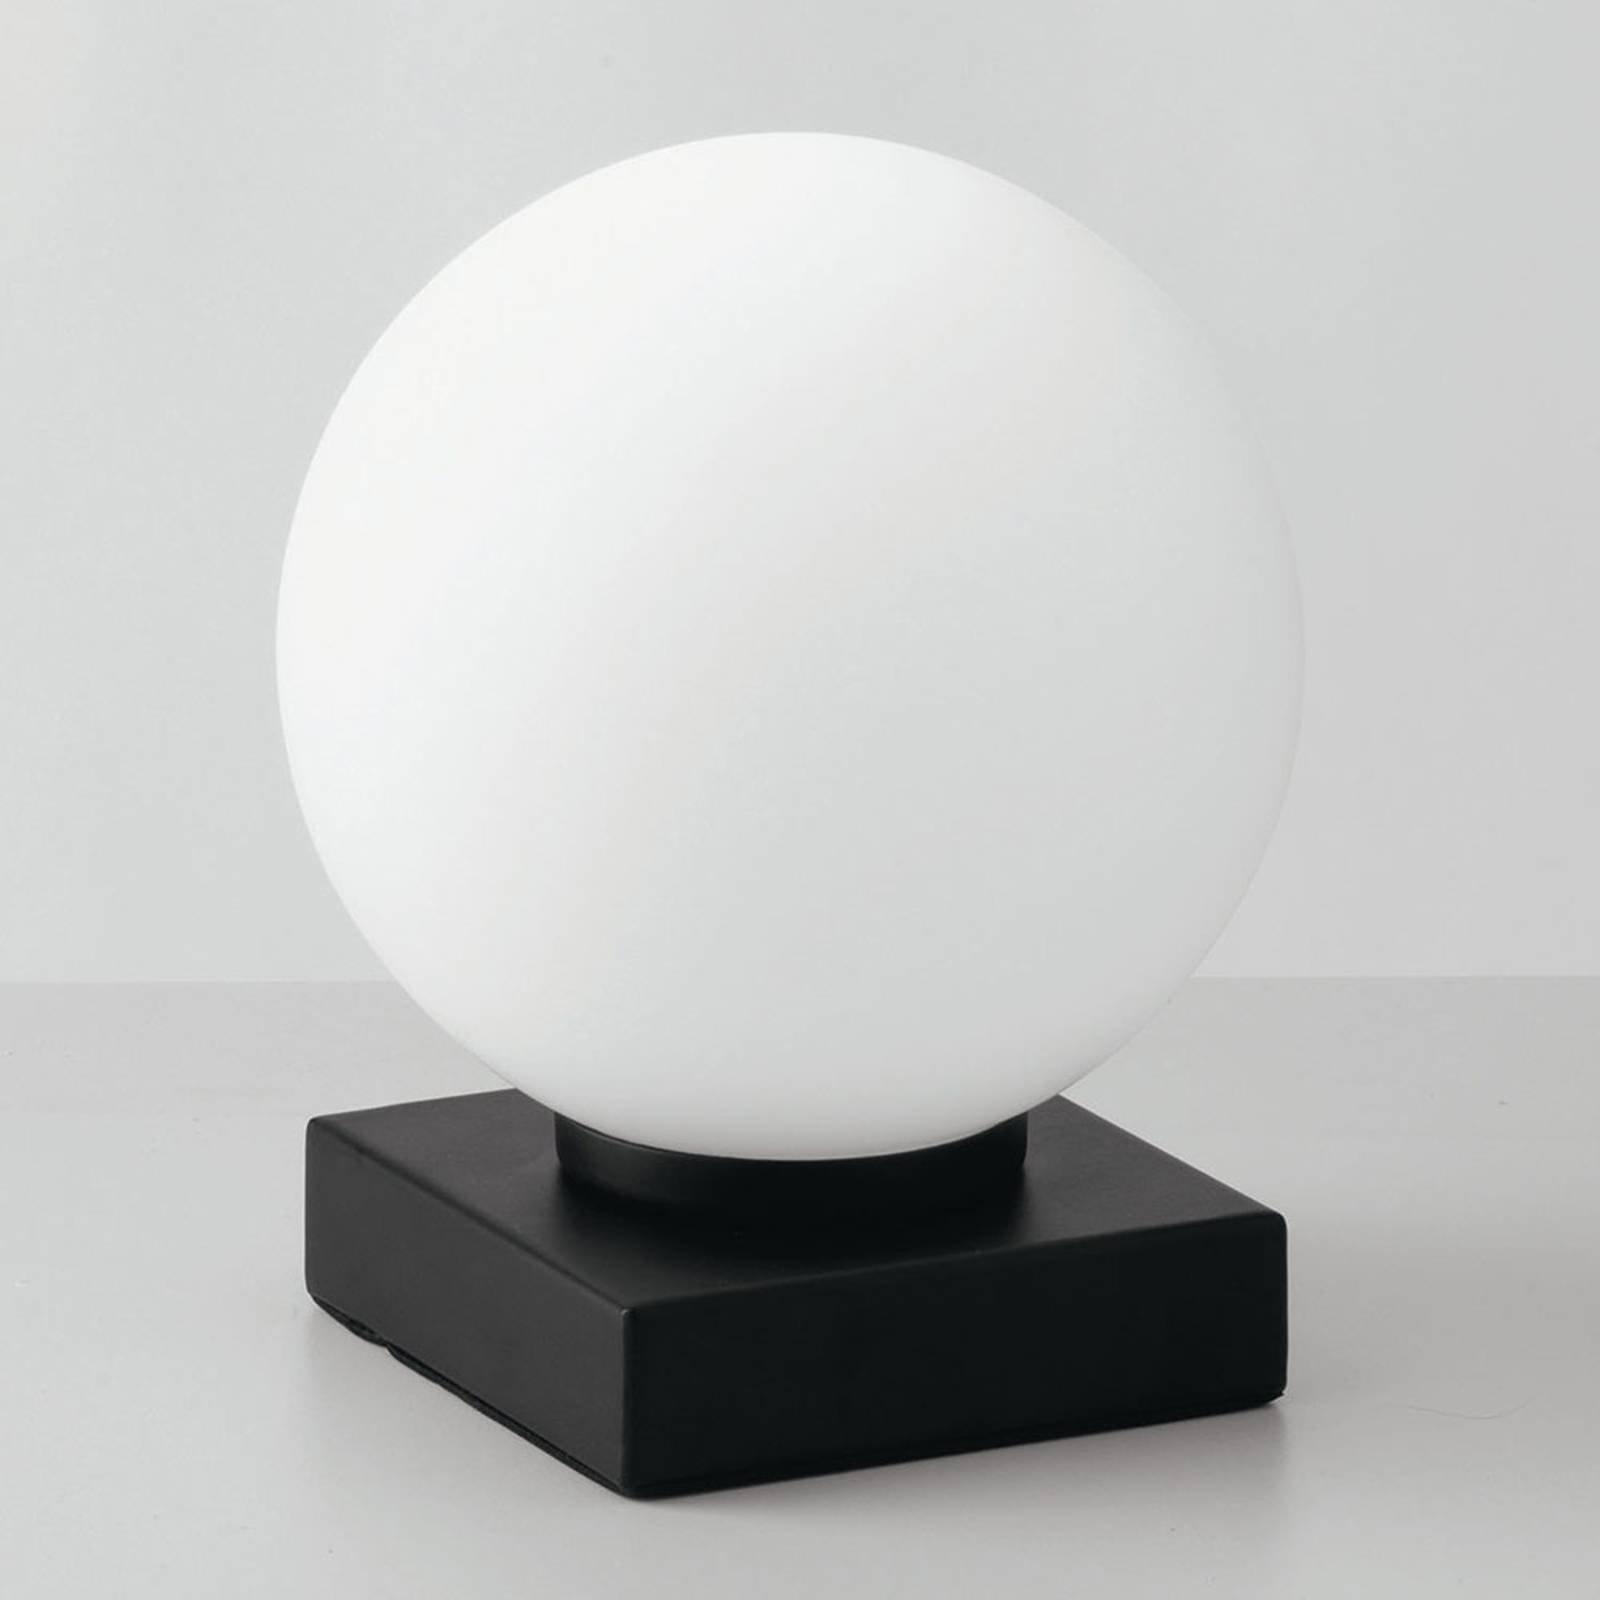 Bordlampe Enoire i svart og hvit, 1 lyskilde